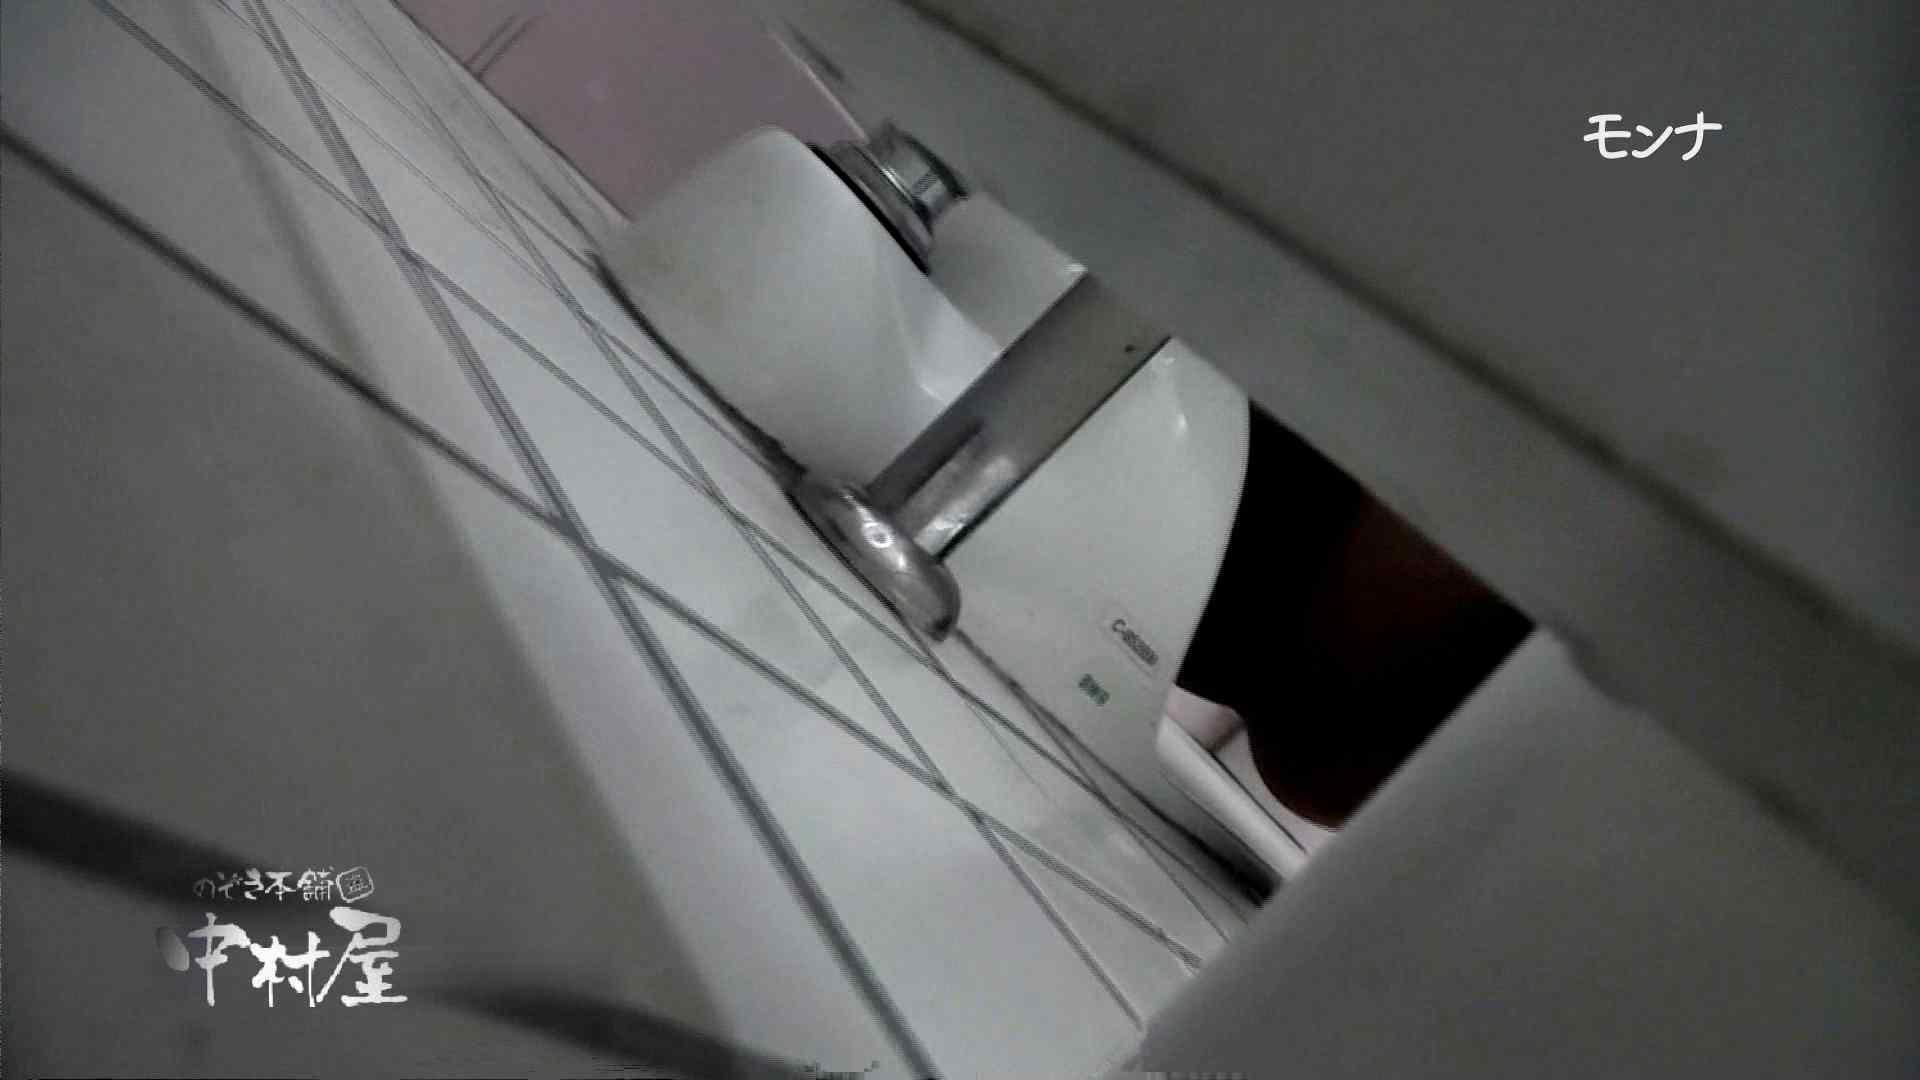 【美しい日本の未来】新学期!!下半身中心に攻めてます美女可愛い女子悪戯盗satuトイレ後編 美女まとめ  100PIX 4